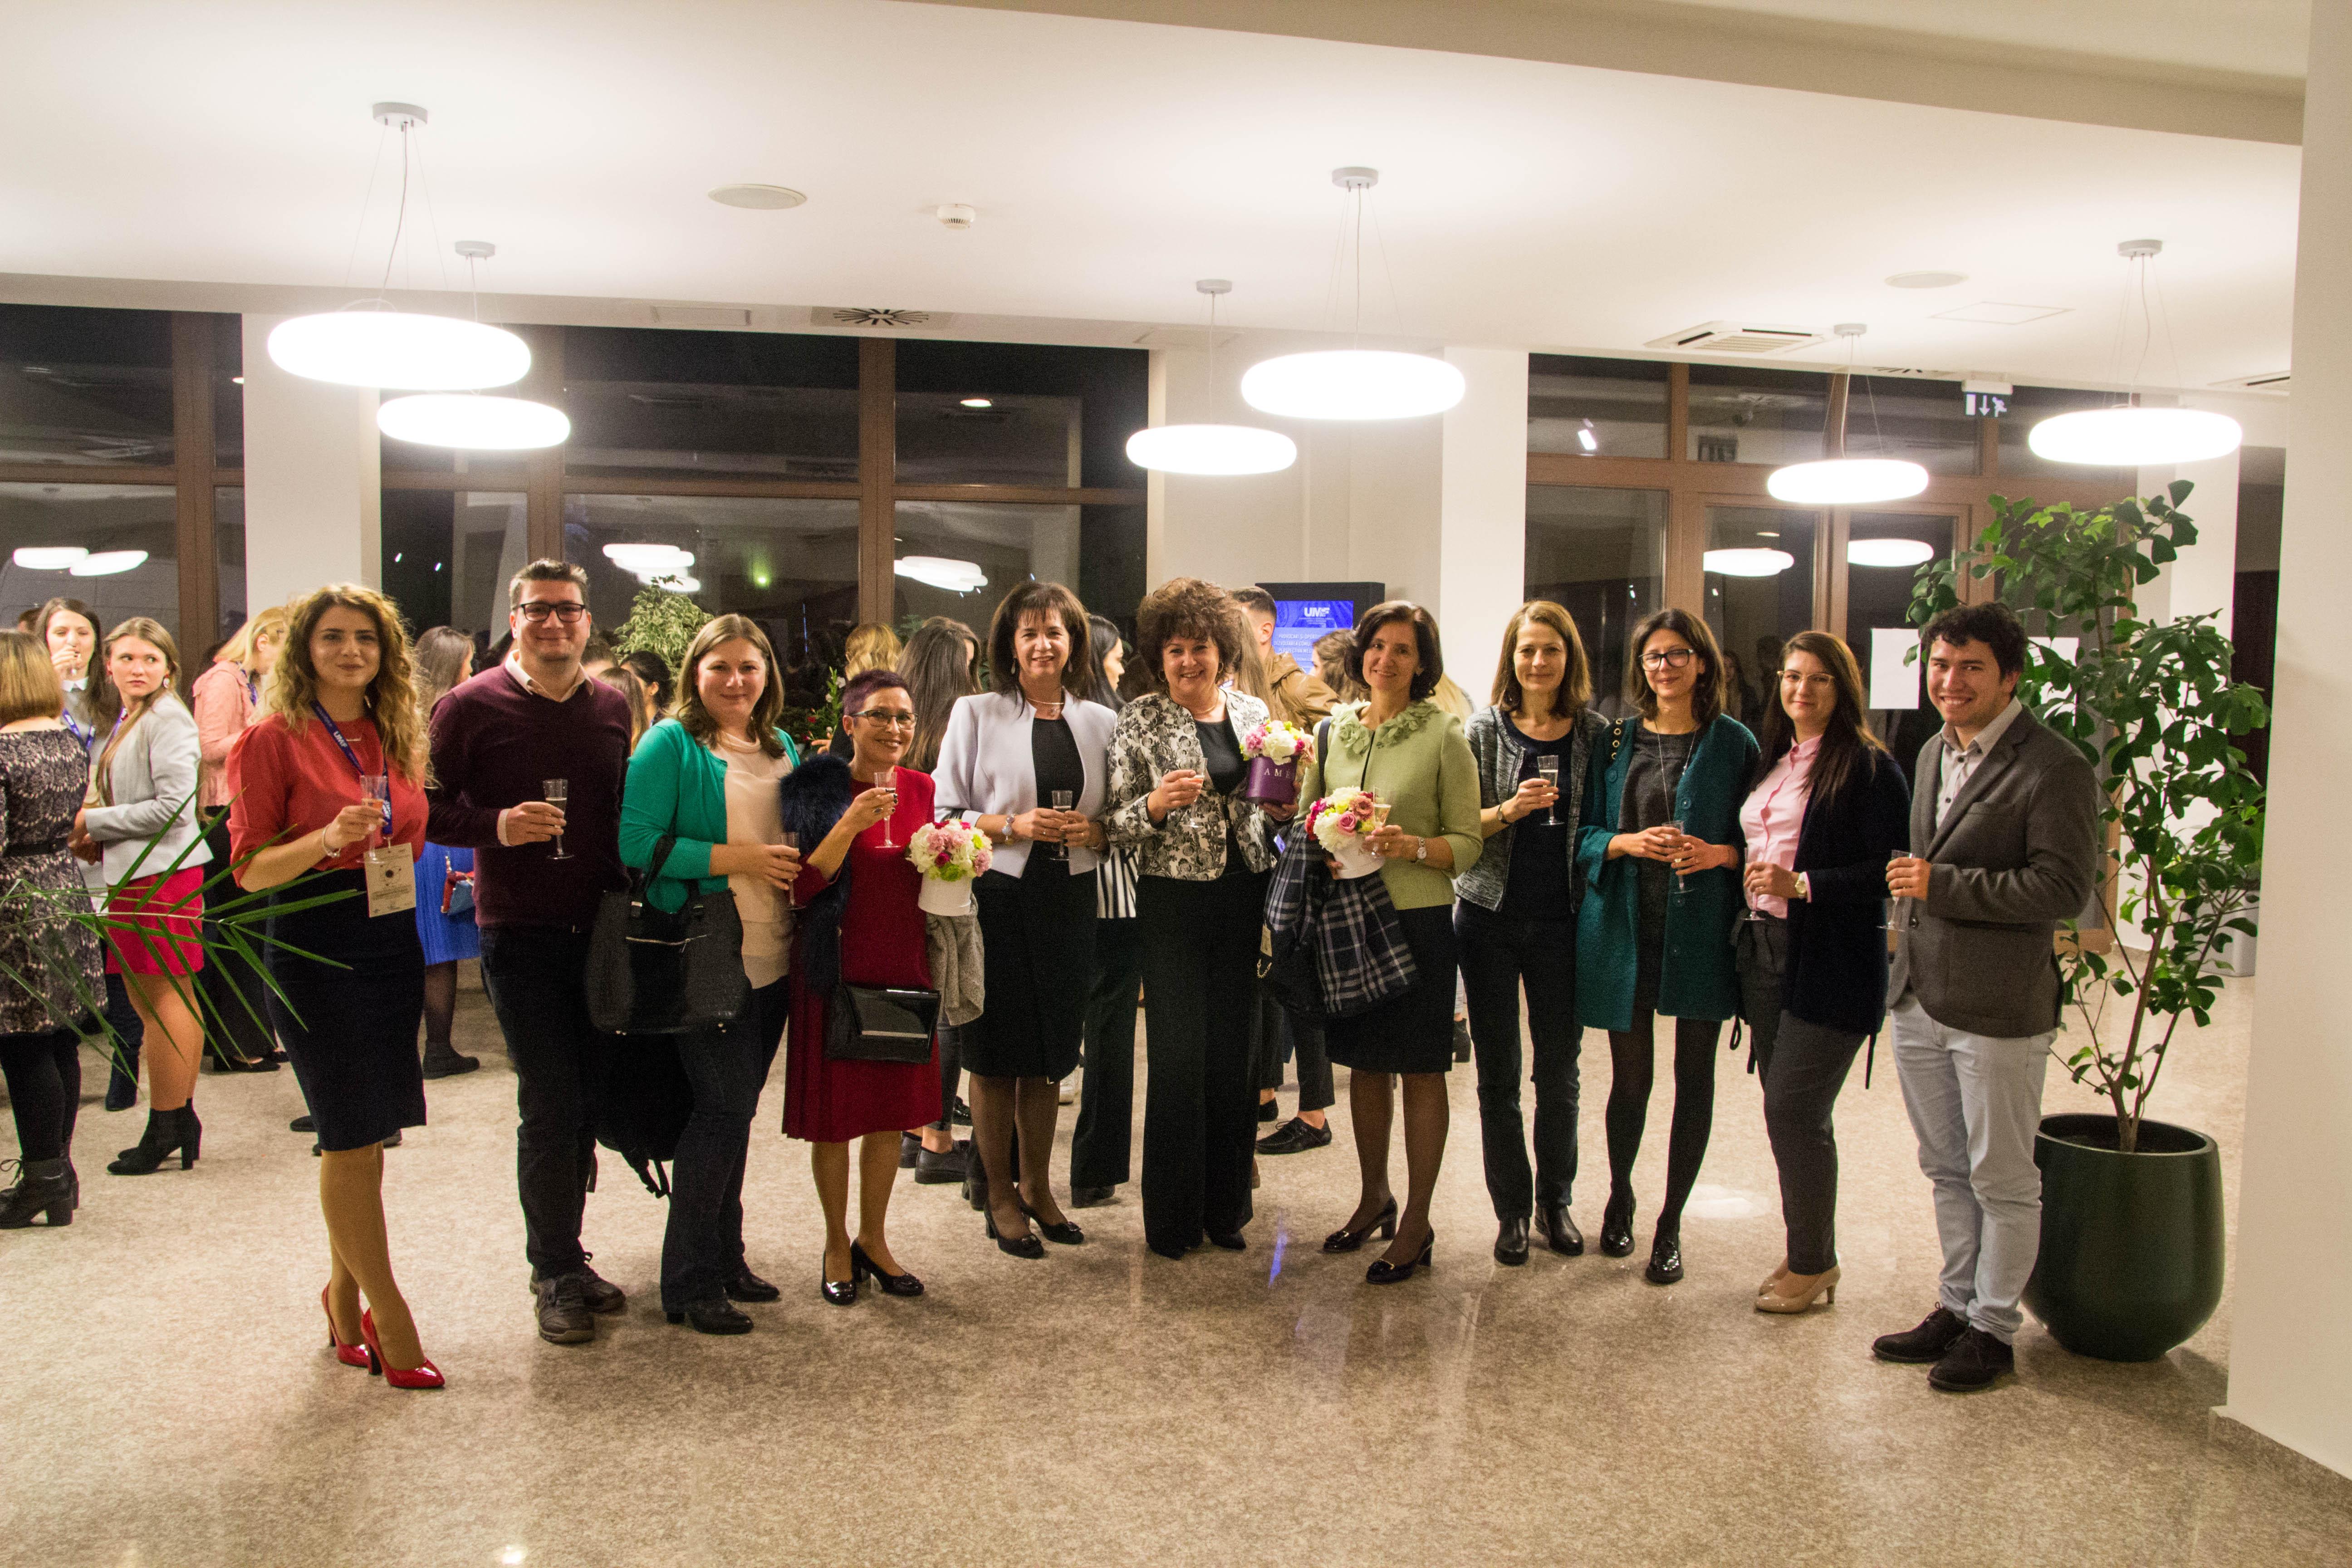 FOTO: Asociația Studenților Farmaciști derulează cel mai mare eveniment farmaceutic studențesc din Târgu Mureș